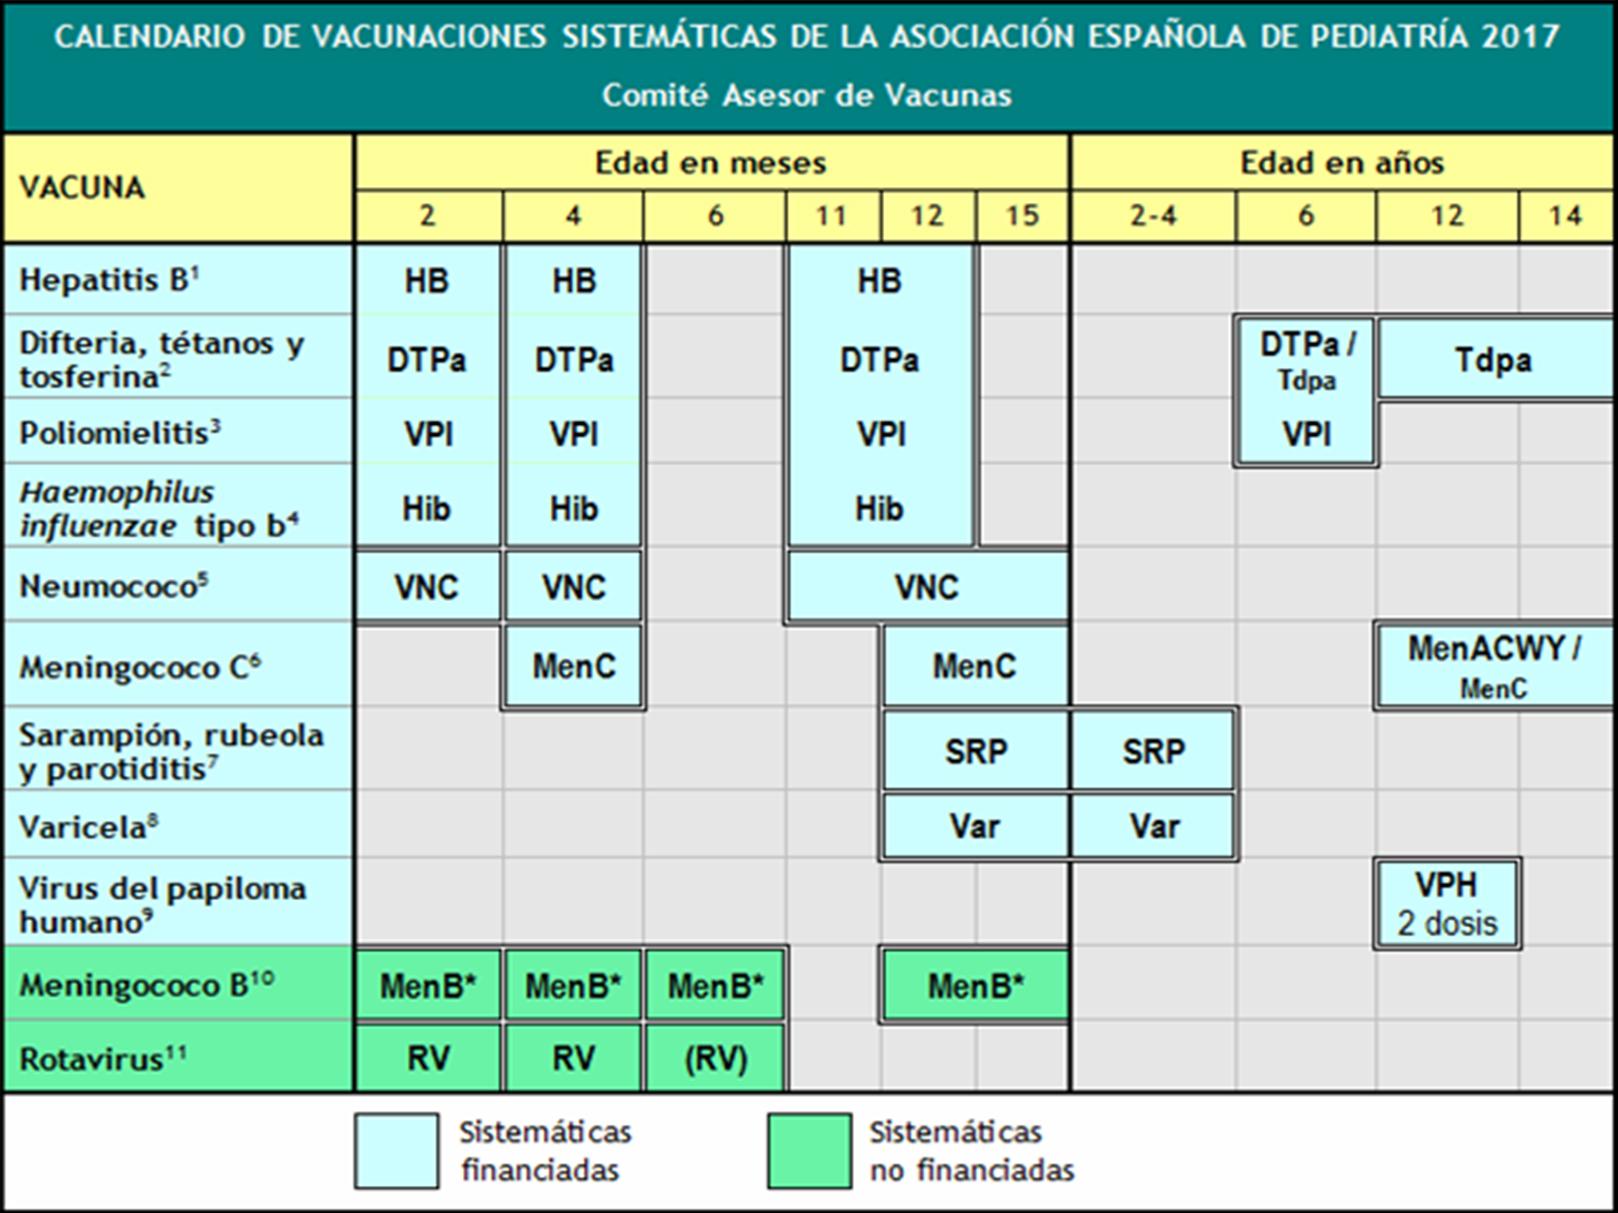 Calendario de Vacunaciones Sistemáticas